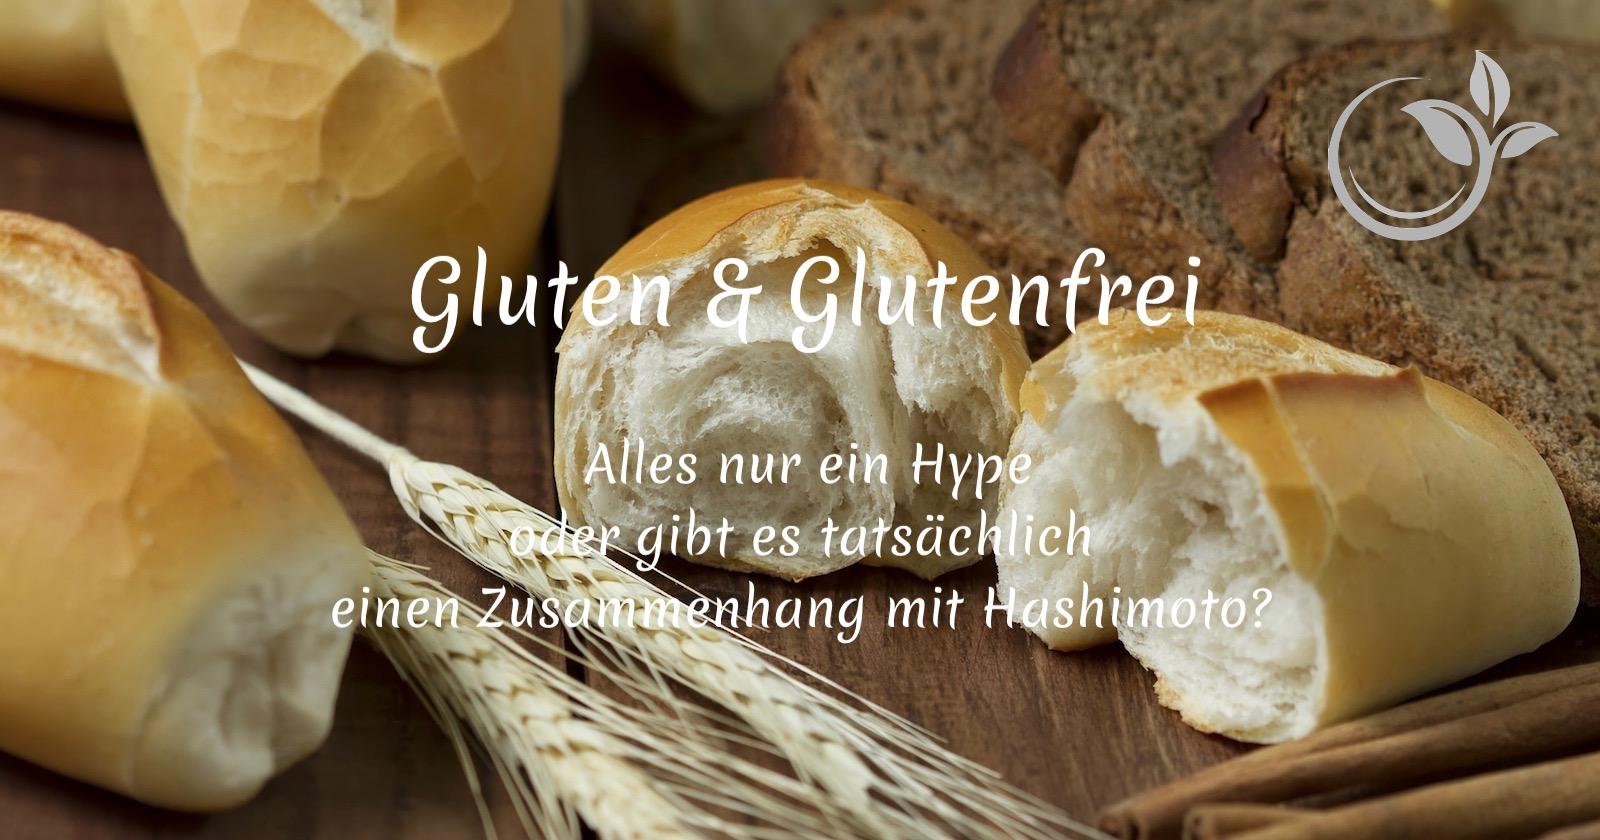 Gluten – Glutenfrei: Alles nur ein Hype oder gibt es tatsächlich einen Zusammenhang mit Hashimoto?